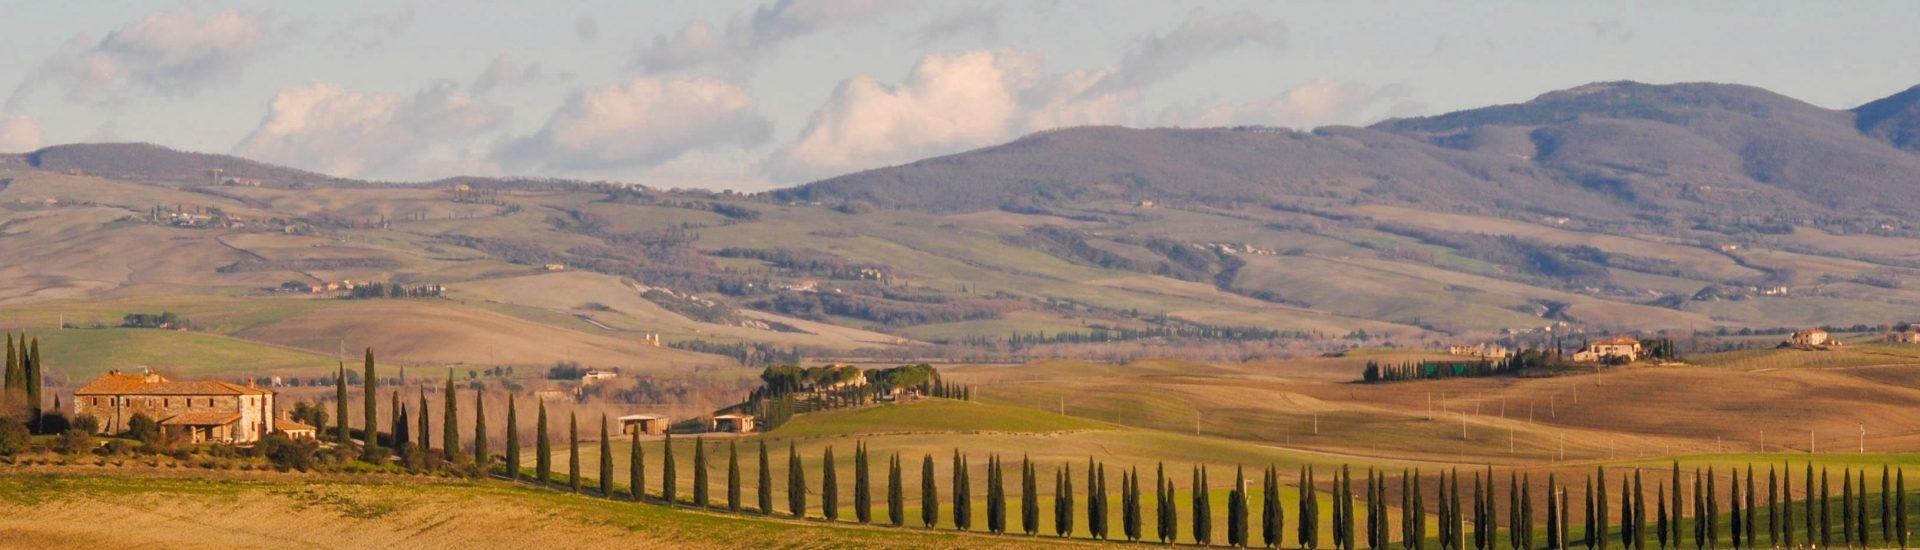 Agriturismo-Poggio-Covili